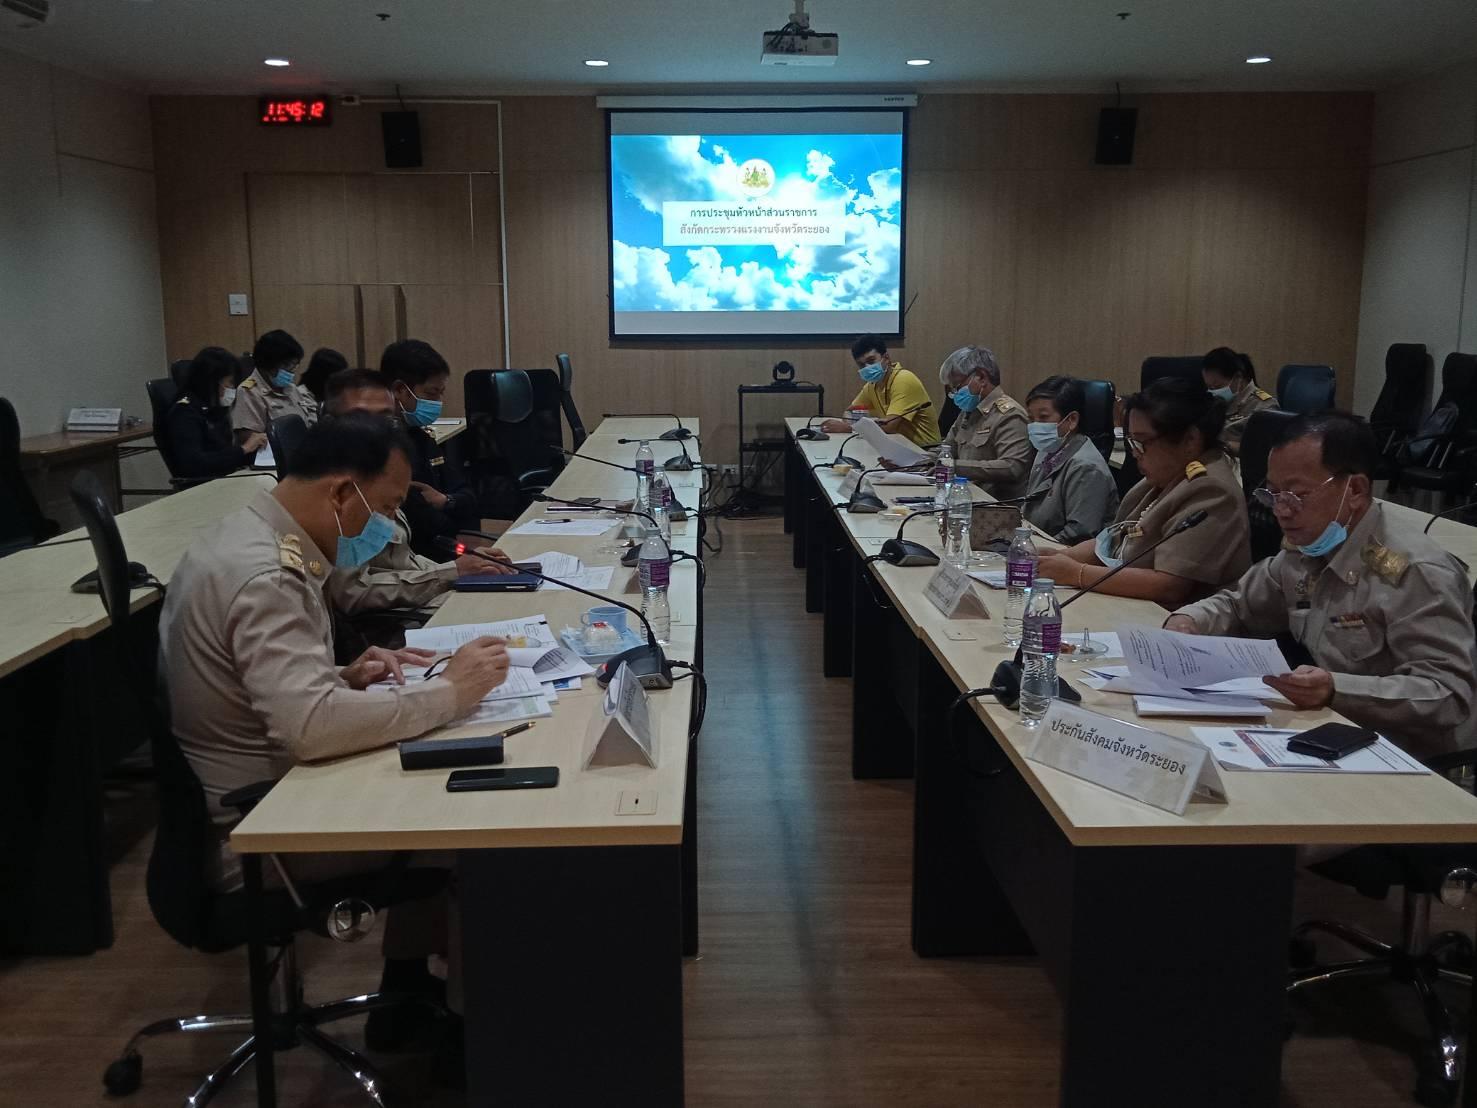 สำนักงานแรงงานจังหวัดระยอง จัดการประชุมหัวหน้าส่วนราชการสังกัดกระทรวงแรงงาน และศูนย์ปฏิบัติการป้องกันและการค้ามนุษย์ด้านแรงงานฯ ครั้งที่ 3/2564